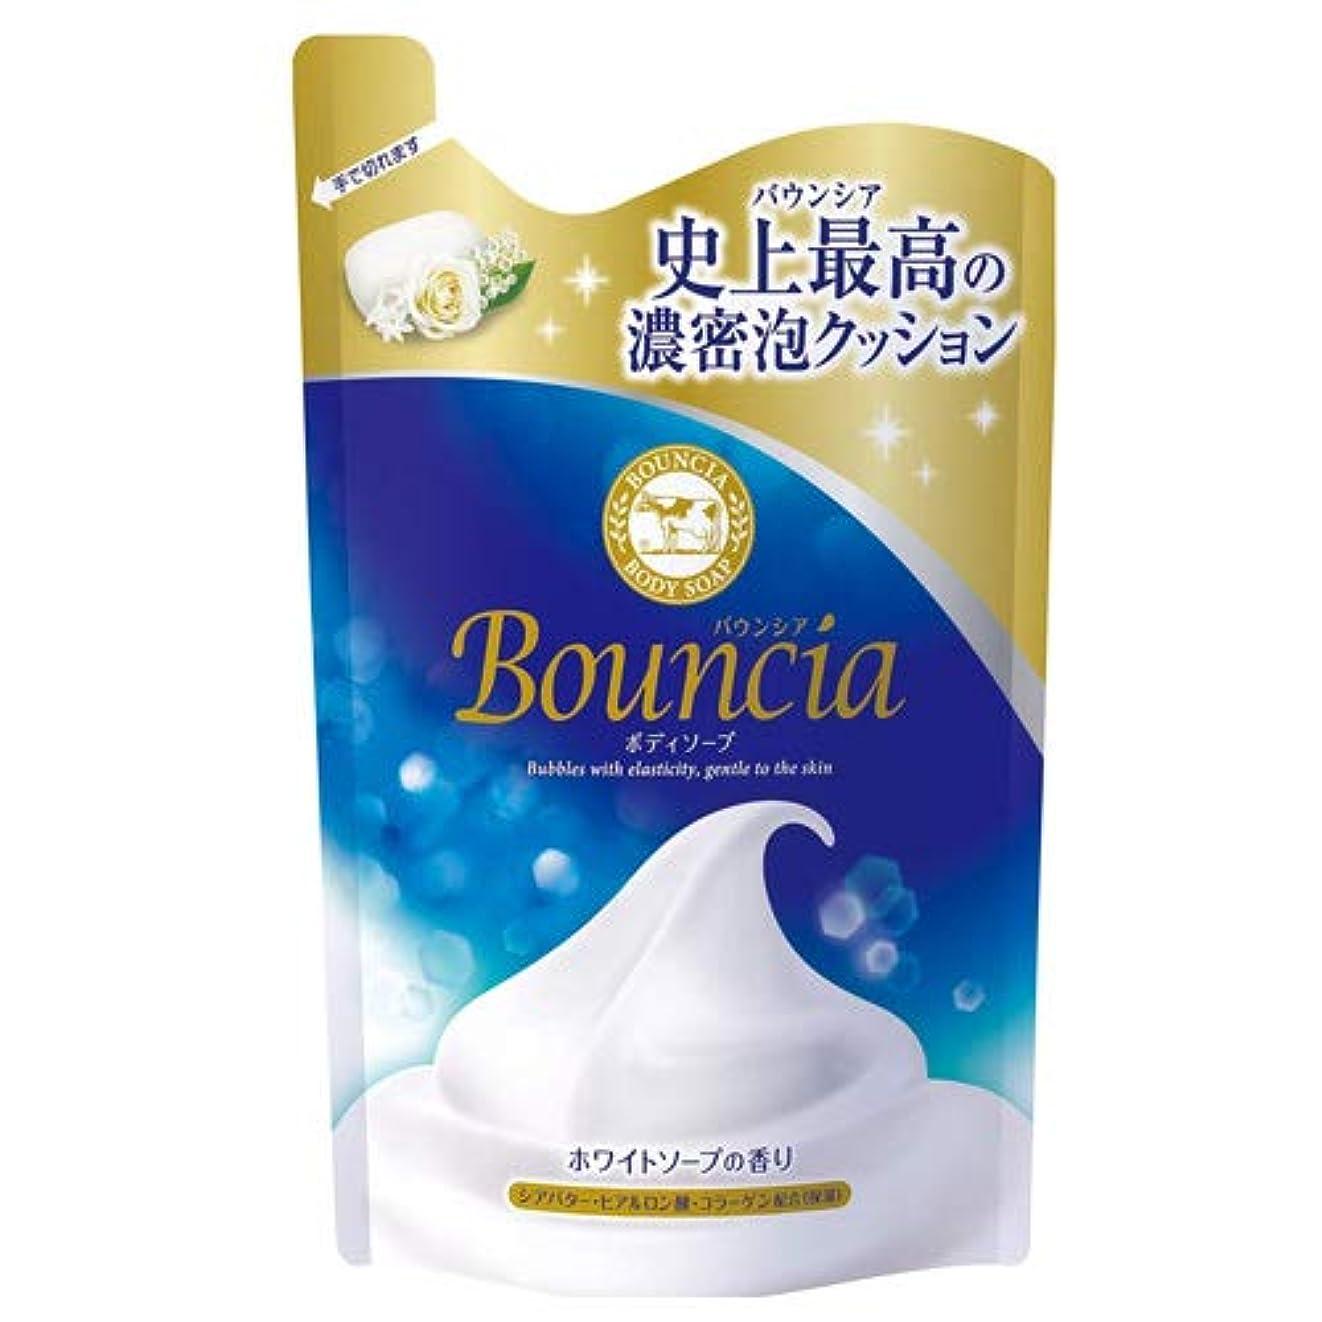 下線カスケード評価可能牛乳石鹸 バウンシア ボディソープ 詰替用 400ml×4個